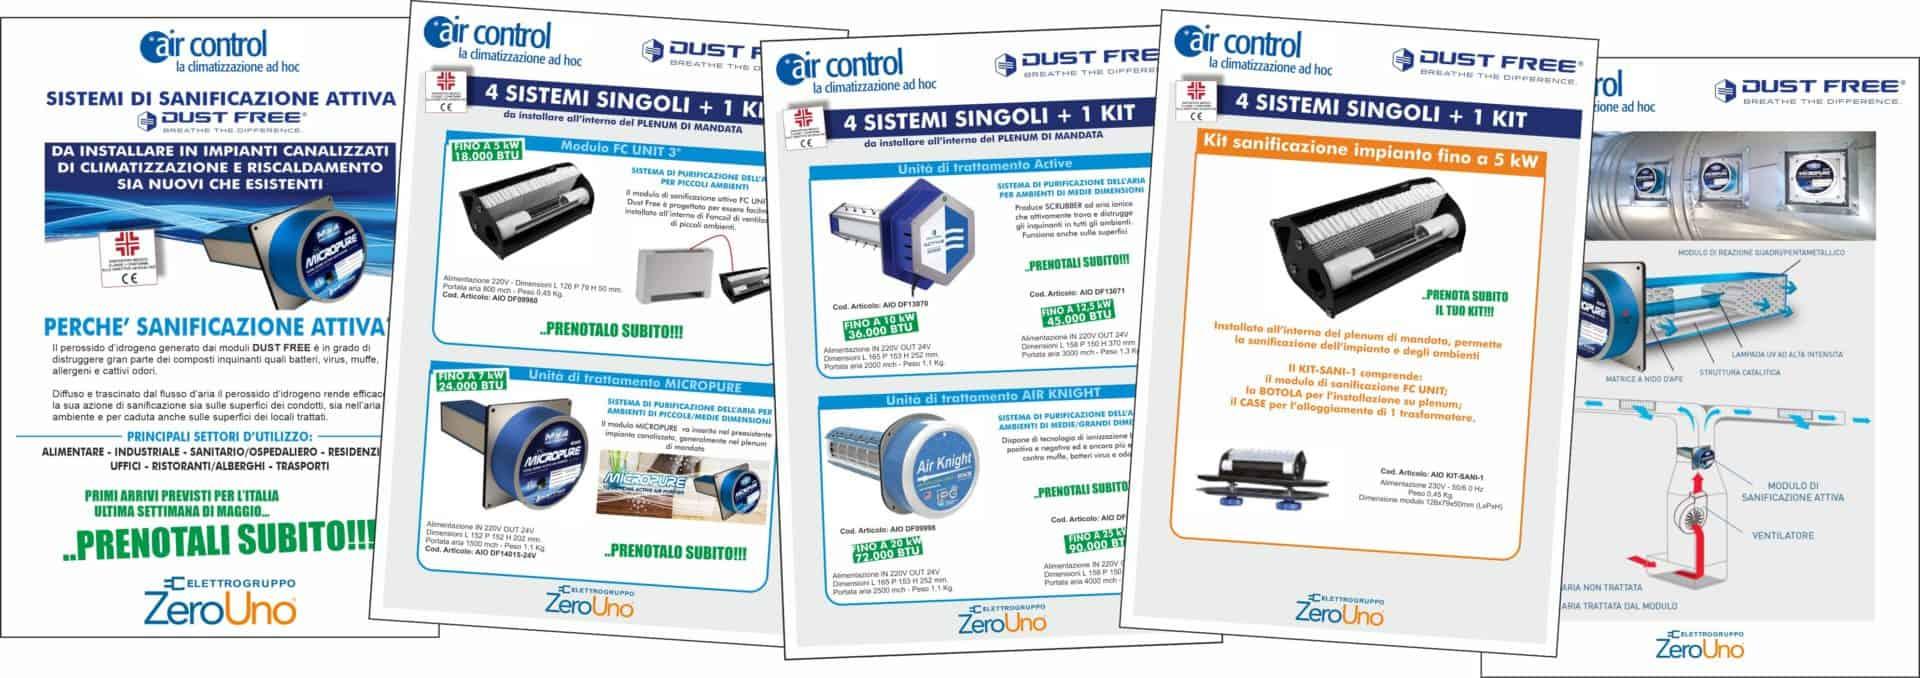 Sistemi di sanificazione attiva Dust Free | Elettrogruppo ZeroUno | TO | SISTEMI SANIFICAZIONE AIR CONTROL